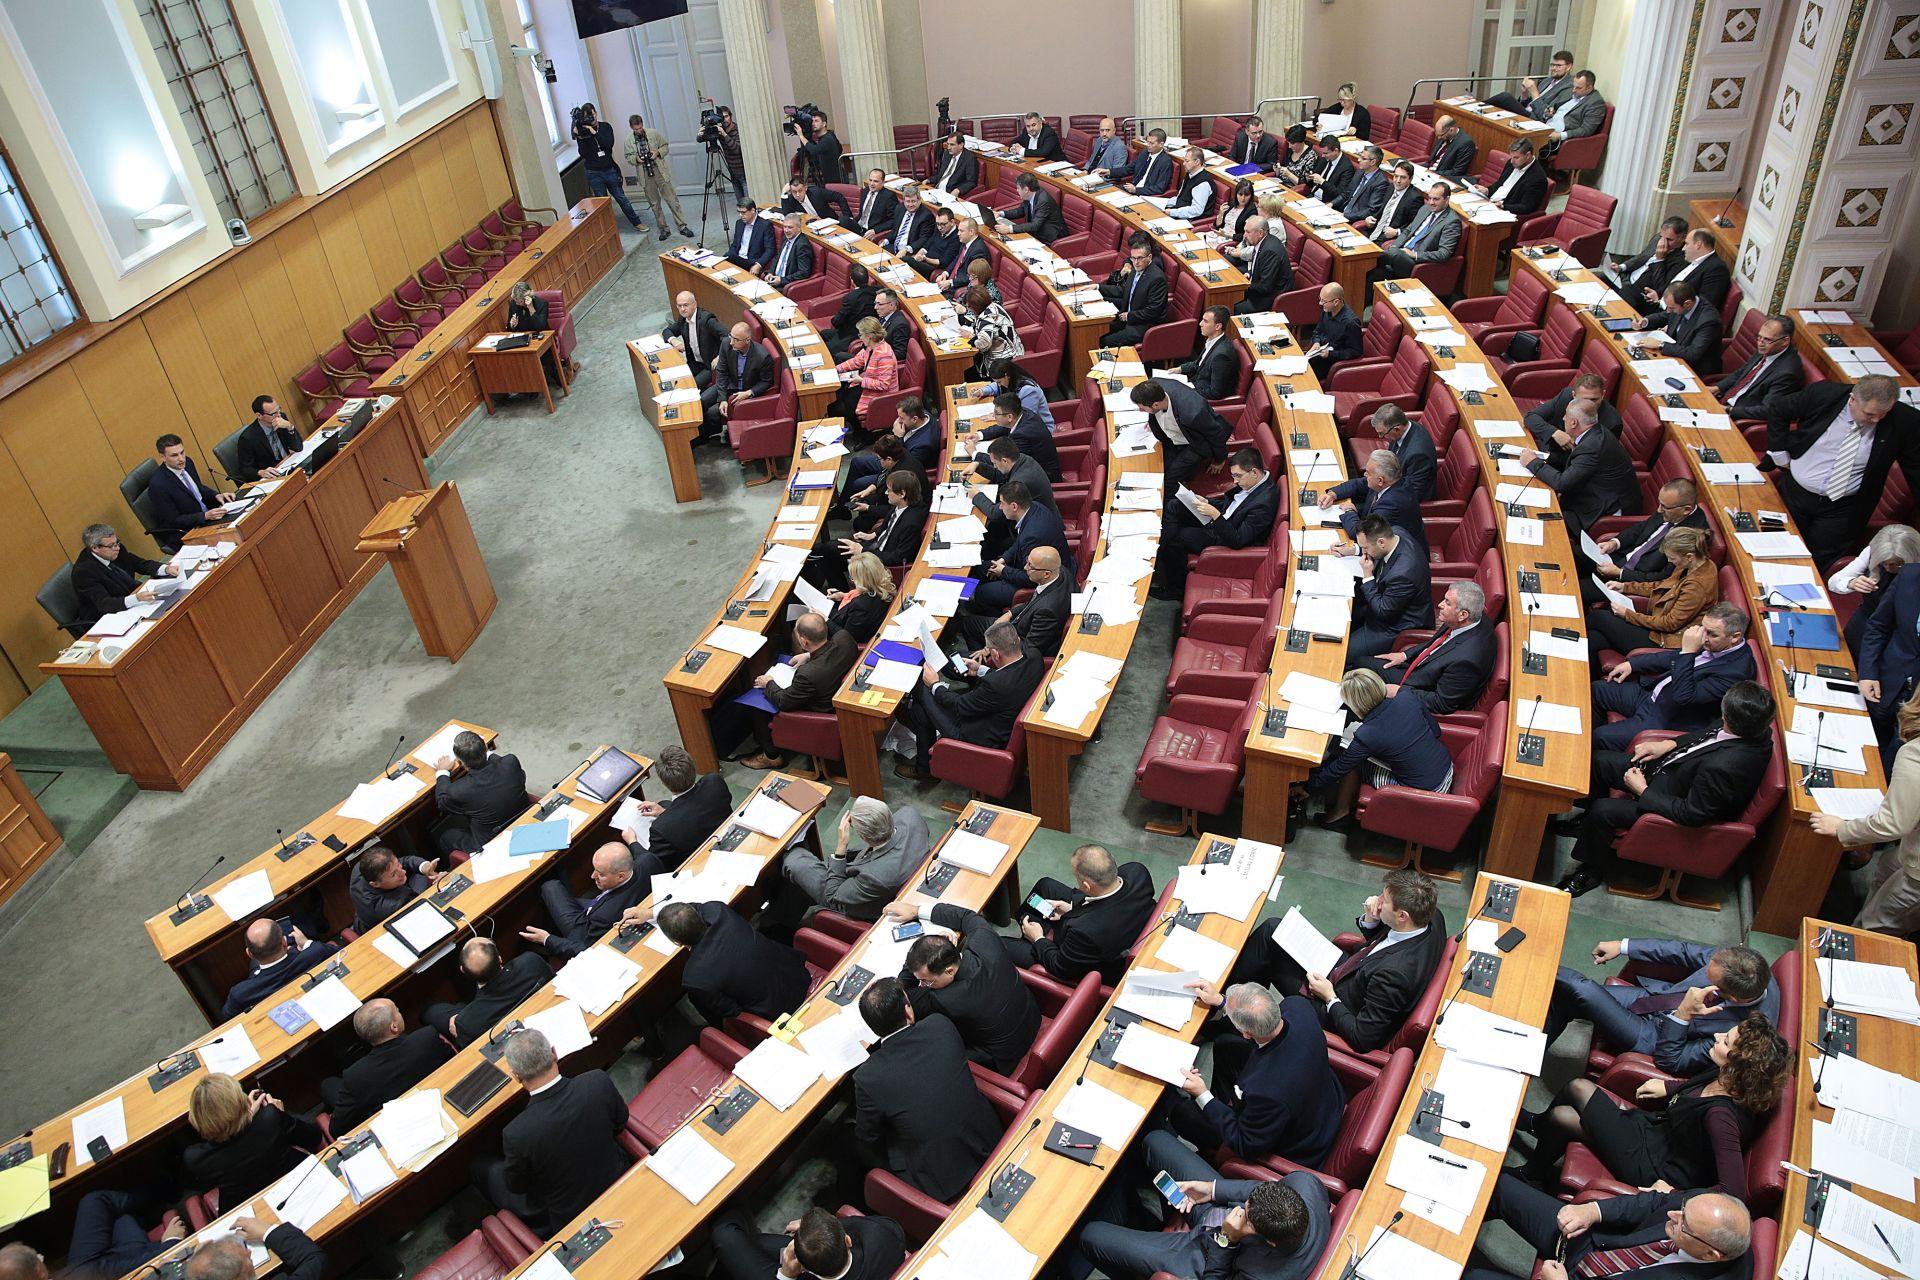 Sabor umjesto o poreznim zakonima zasjedanje započeo stankom